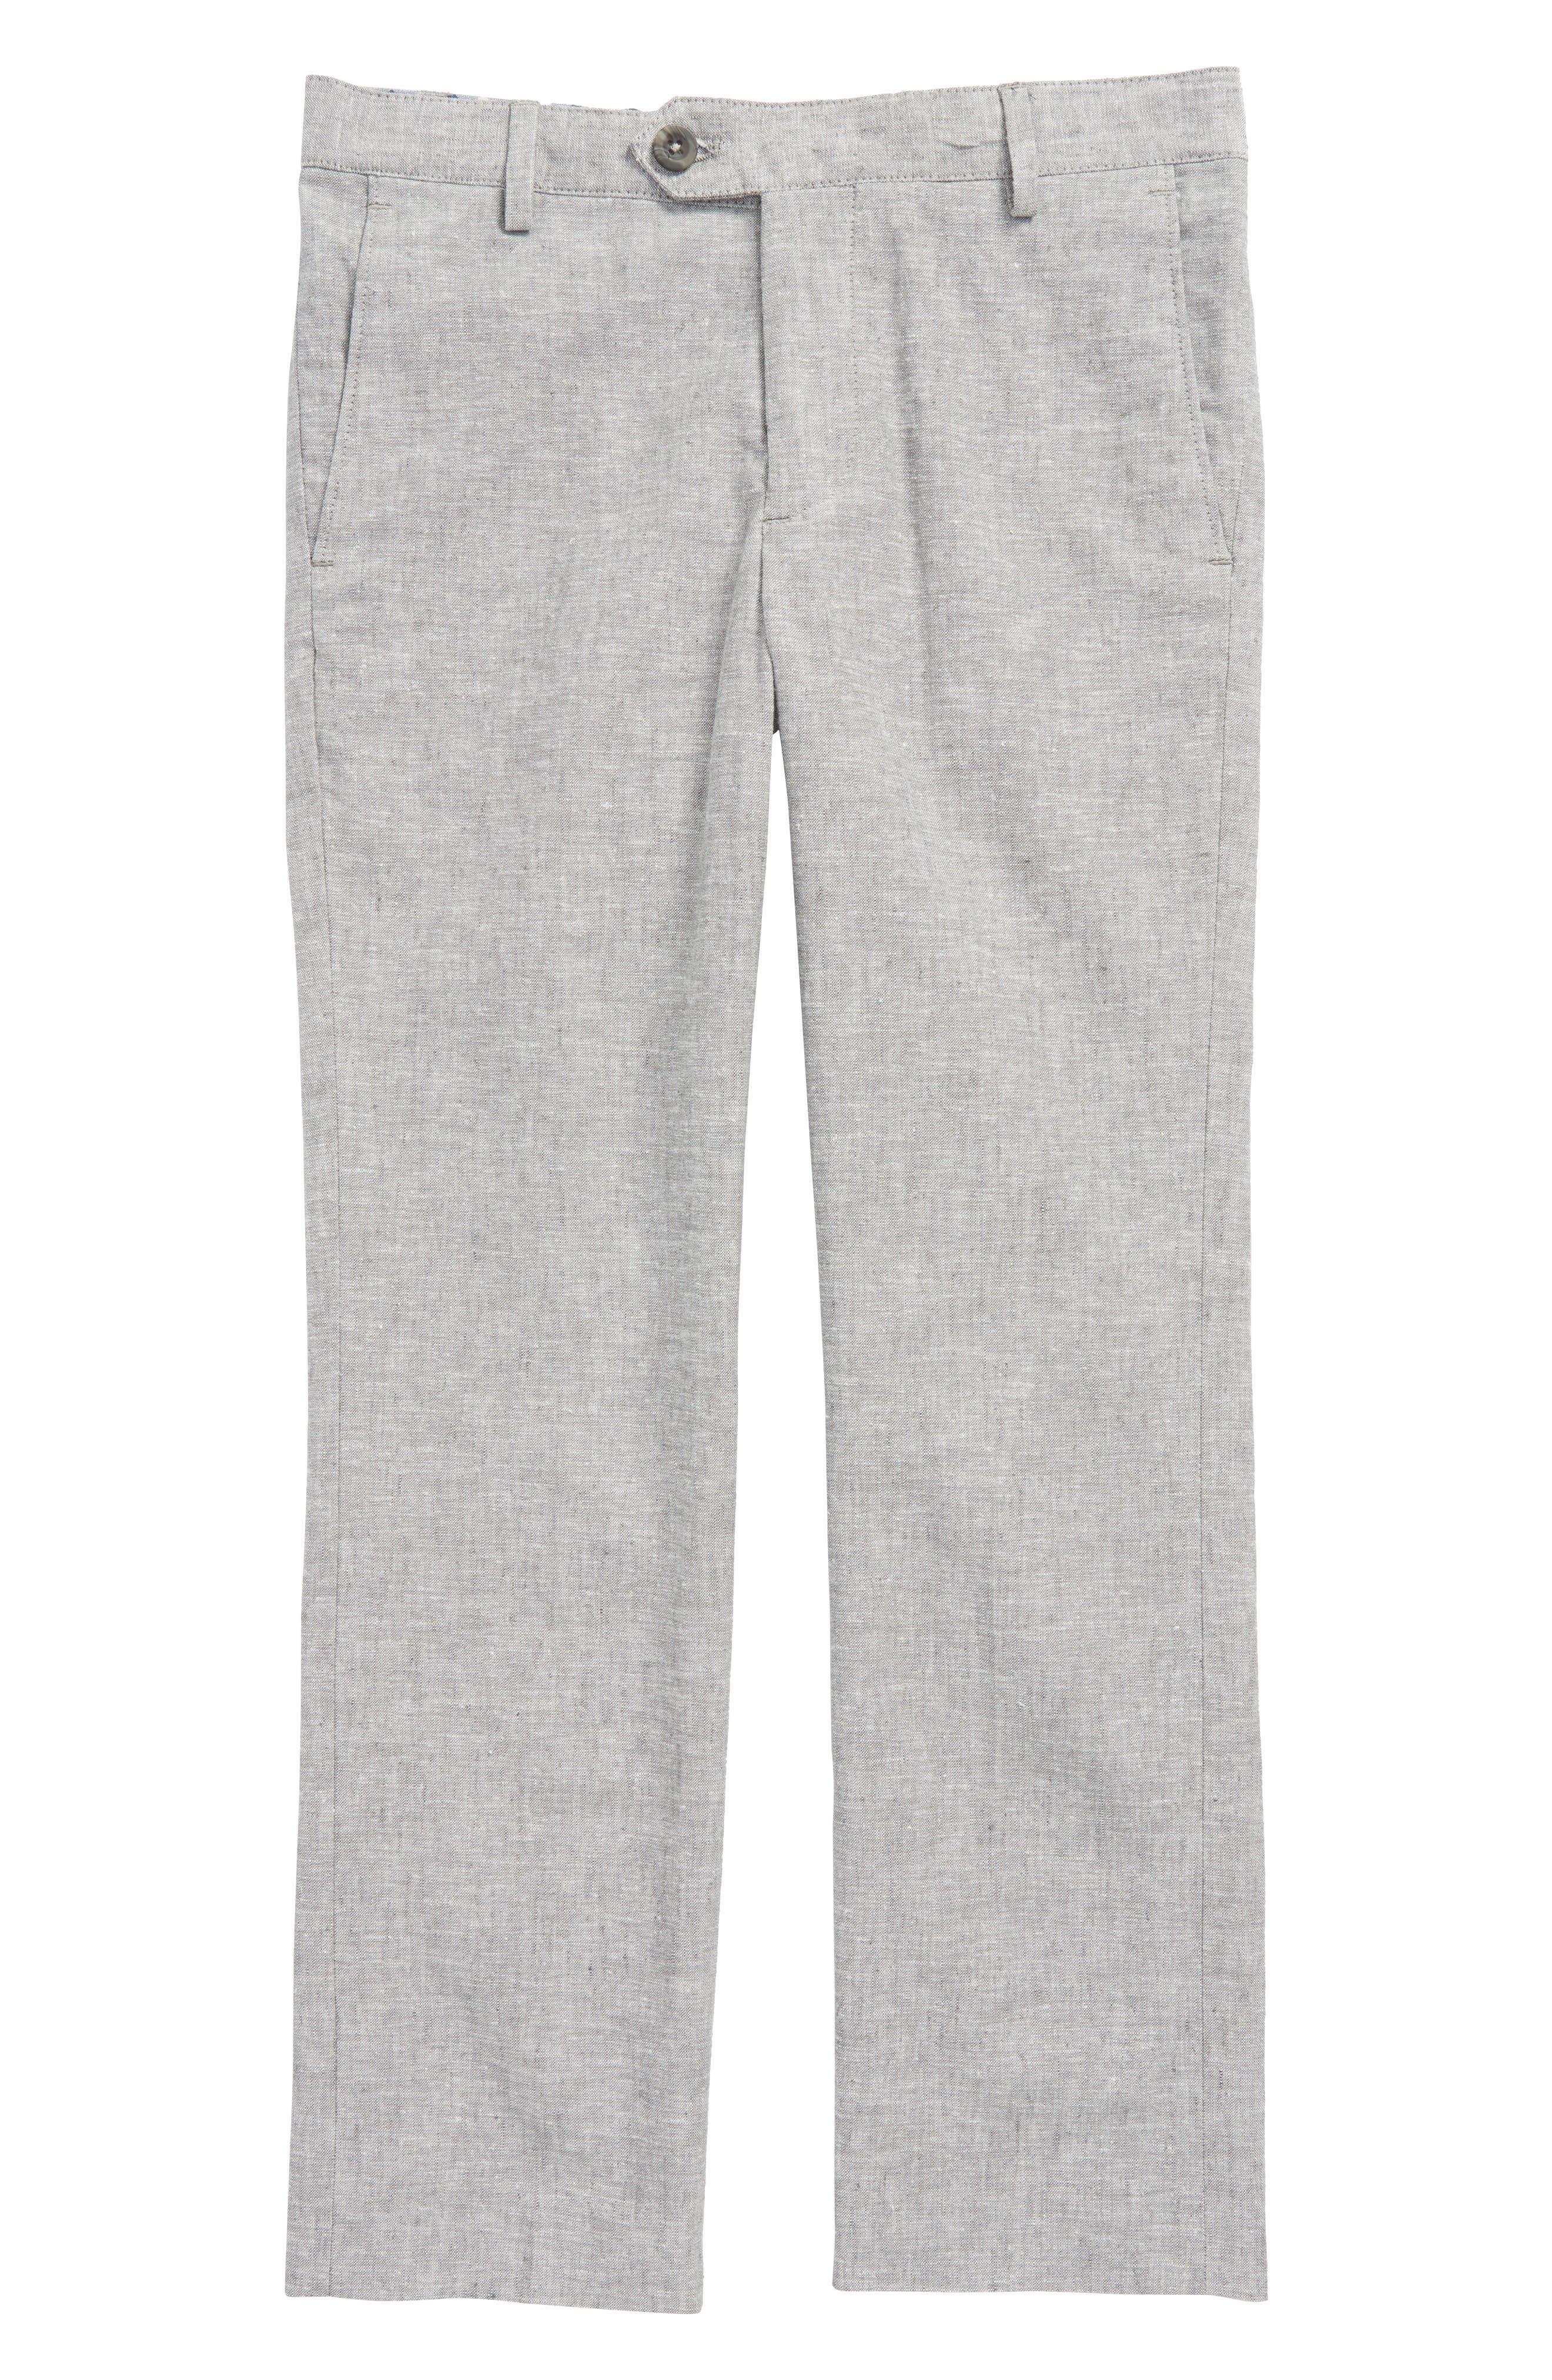 Elliott Flat Front Linen & Cotton Trousers,                         Main,                         color, 030